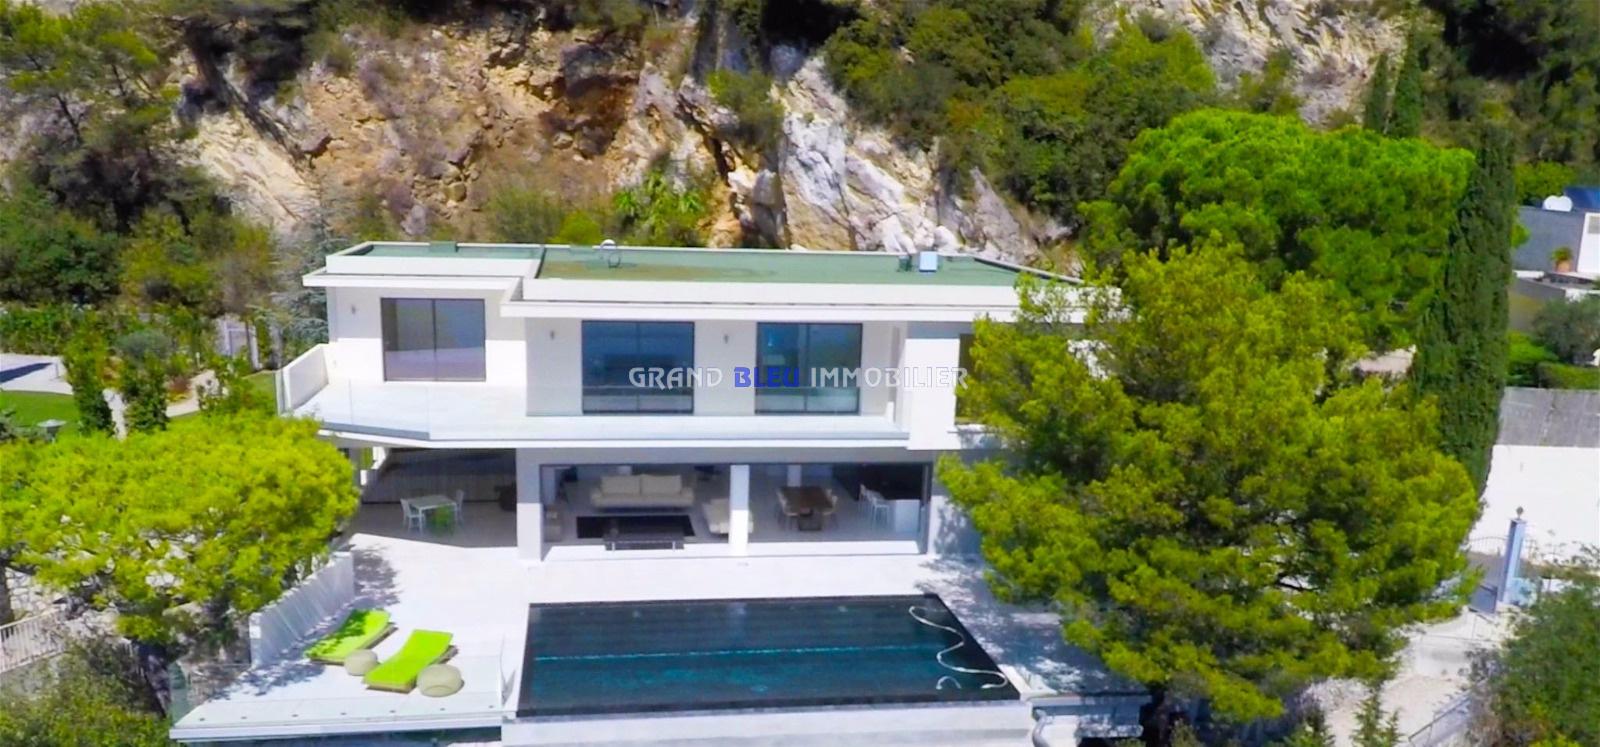 Grand bleu immobilier nice cimiez saint pancrace falicon for Acheter une maison a nice